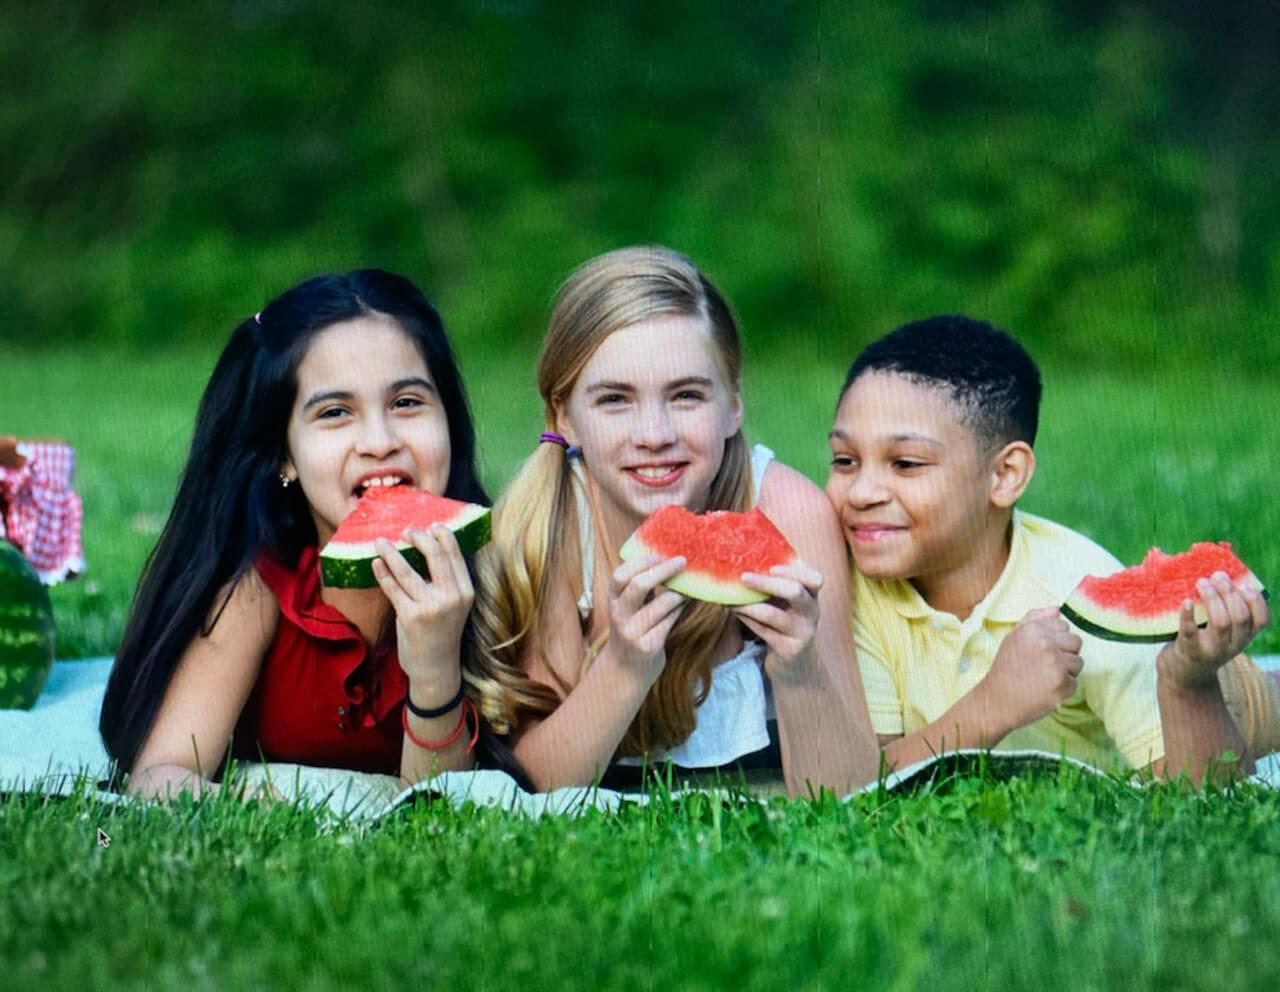 Kids Choice Watermelons Gallery kids on blanket eating